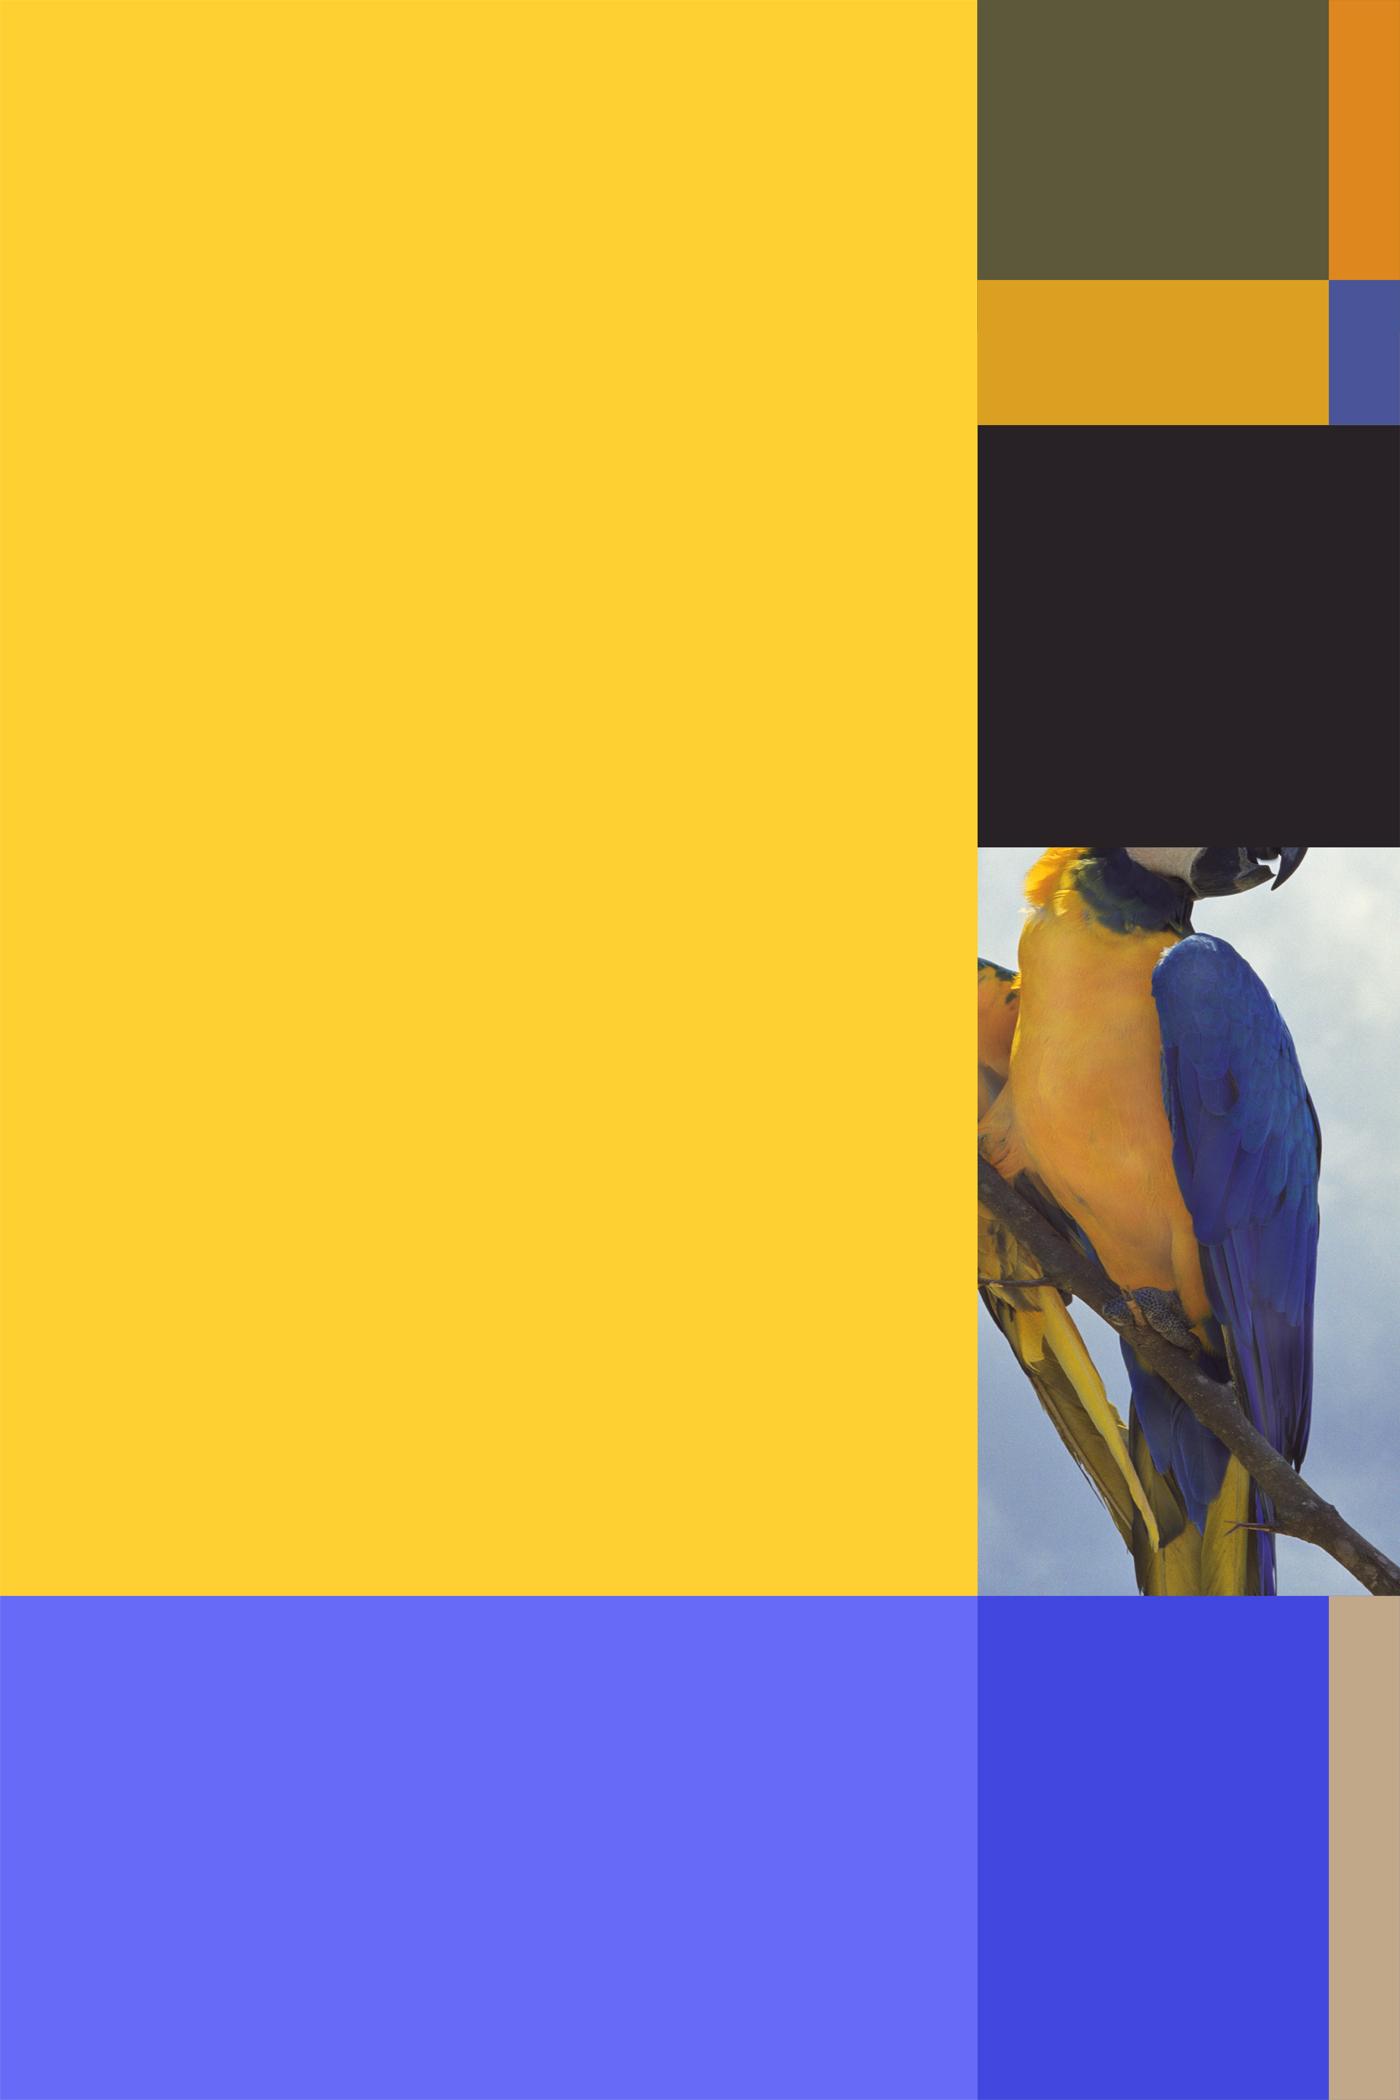 Parrot color chart #3 (38x57).jpg